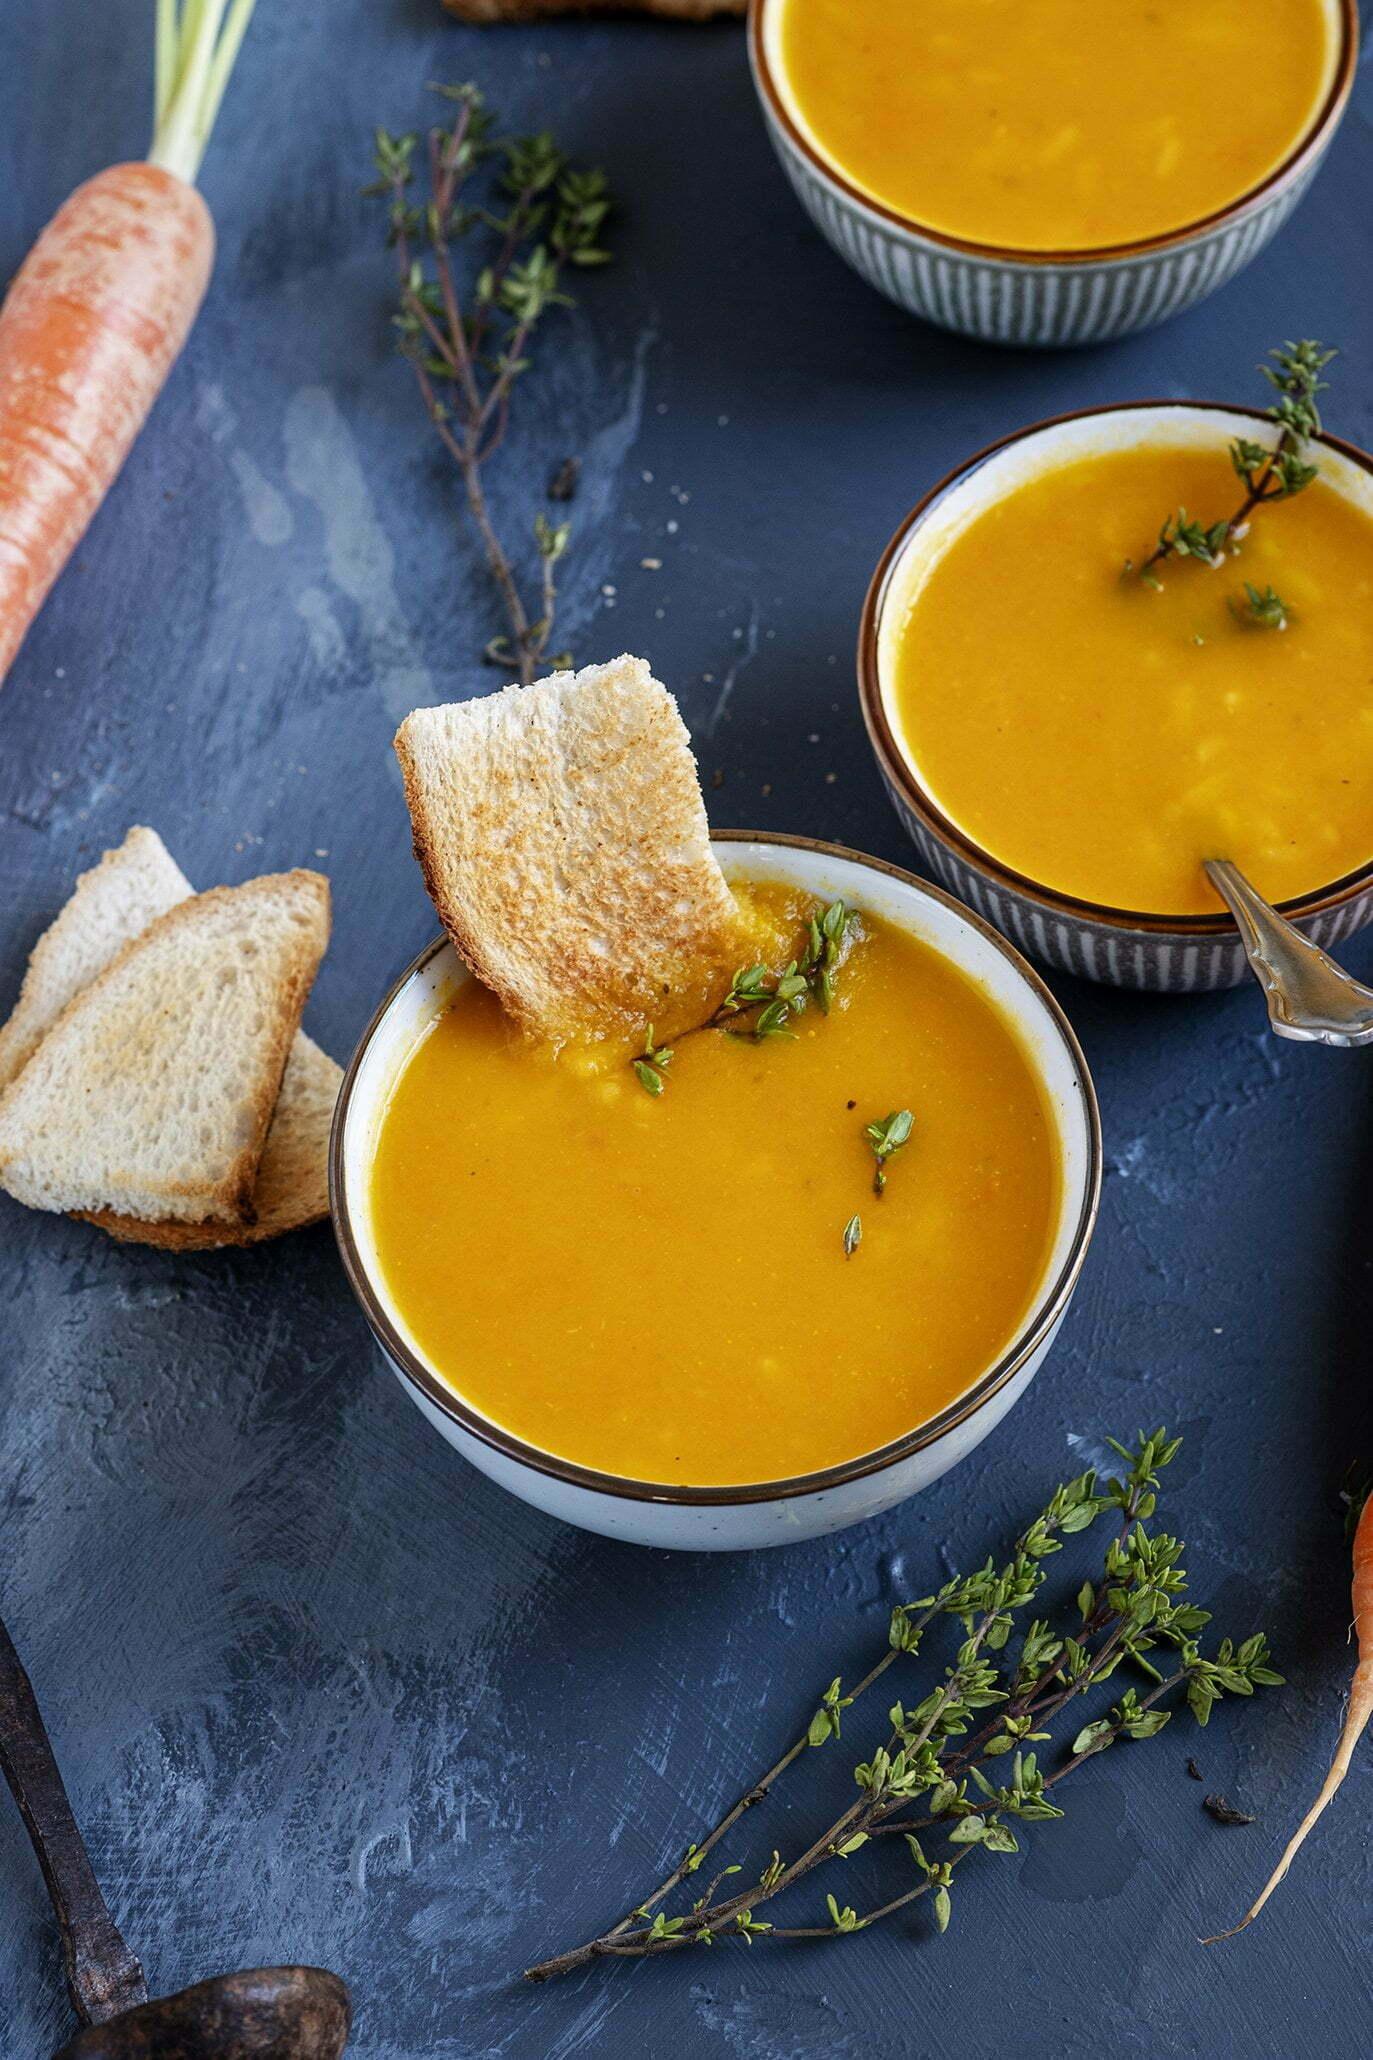 Romige wortelsoep met verse tijm - Recept uit Portugal